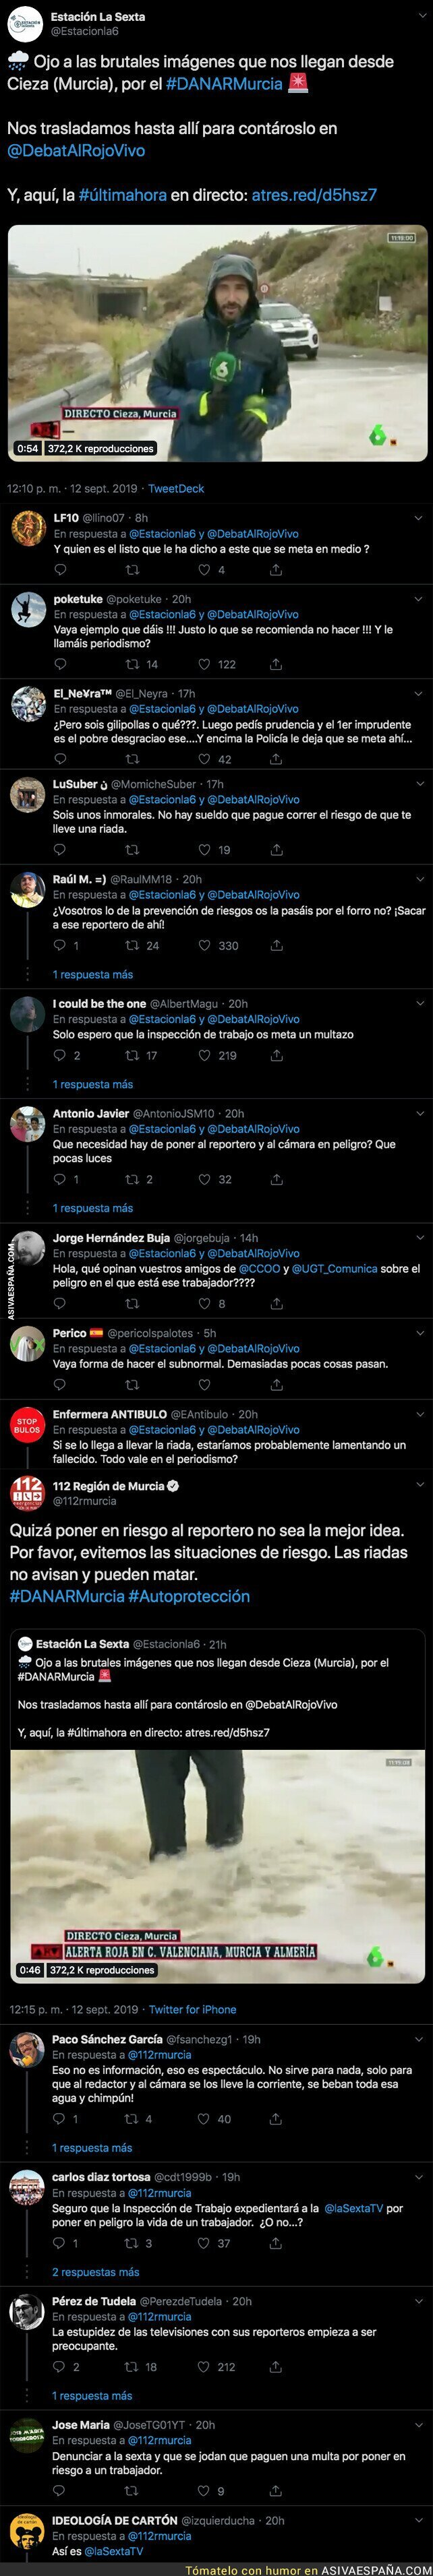 121020 - El '112' de Murcia llama la atención a 'La Sexta' por poner a un reportero en mitad de una gran riada